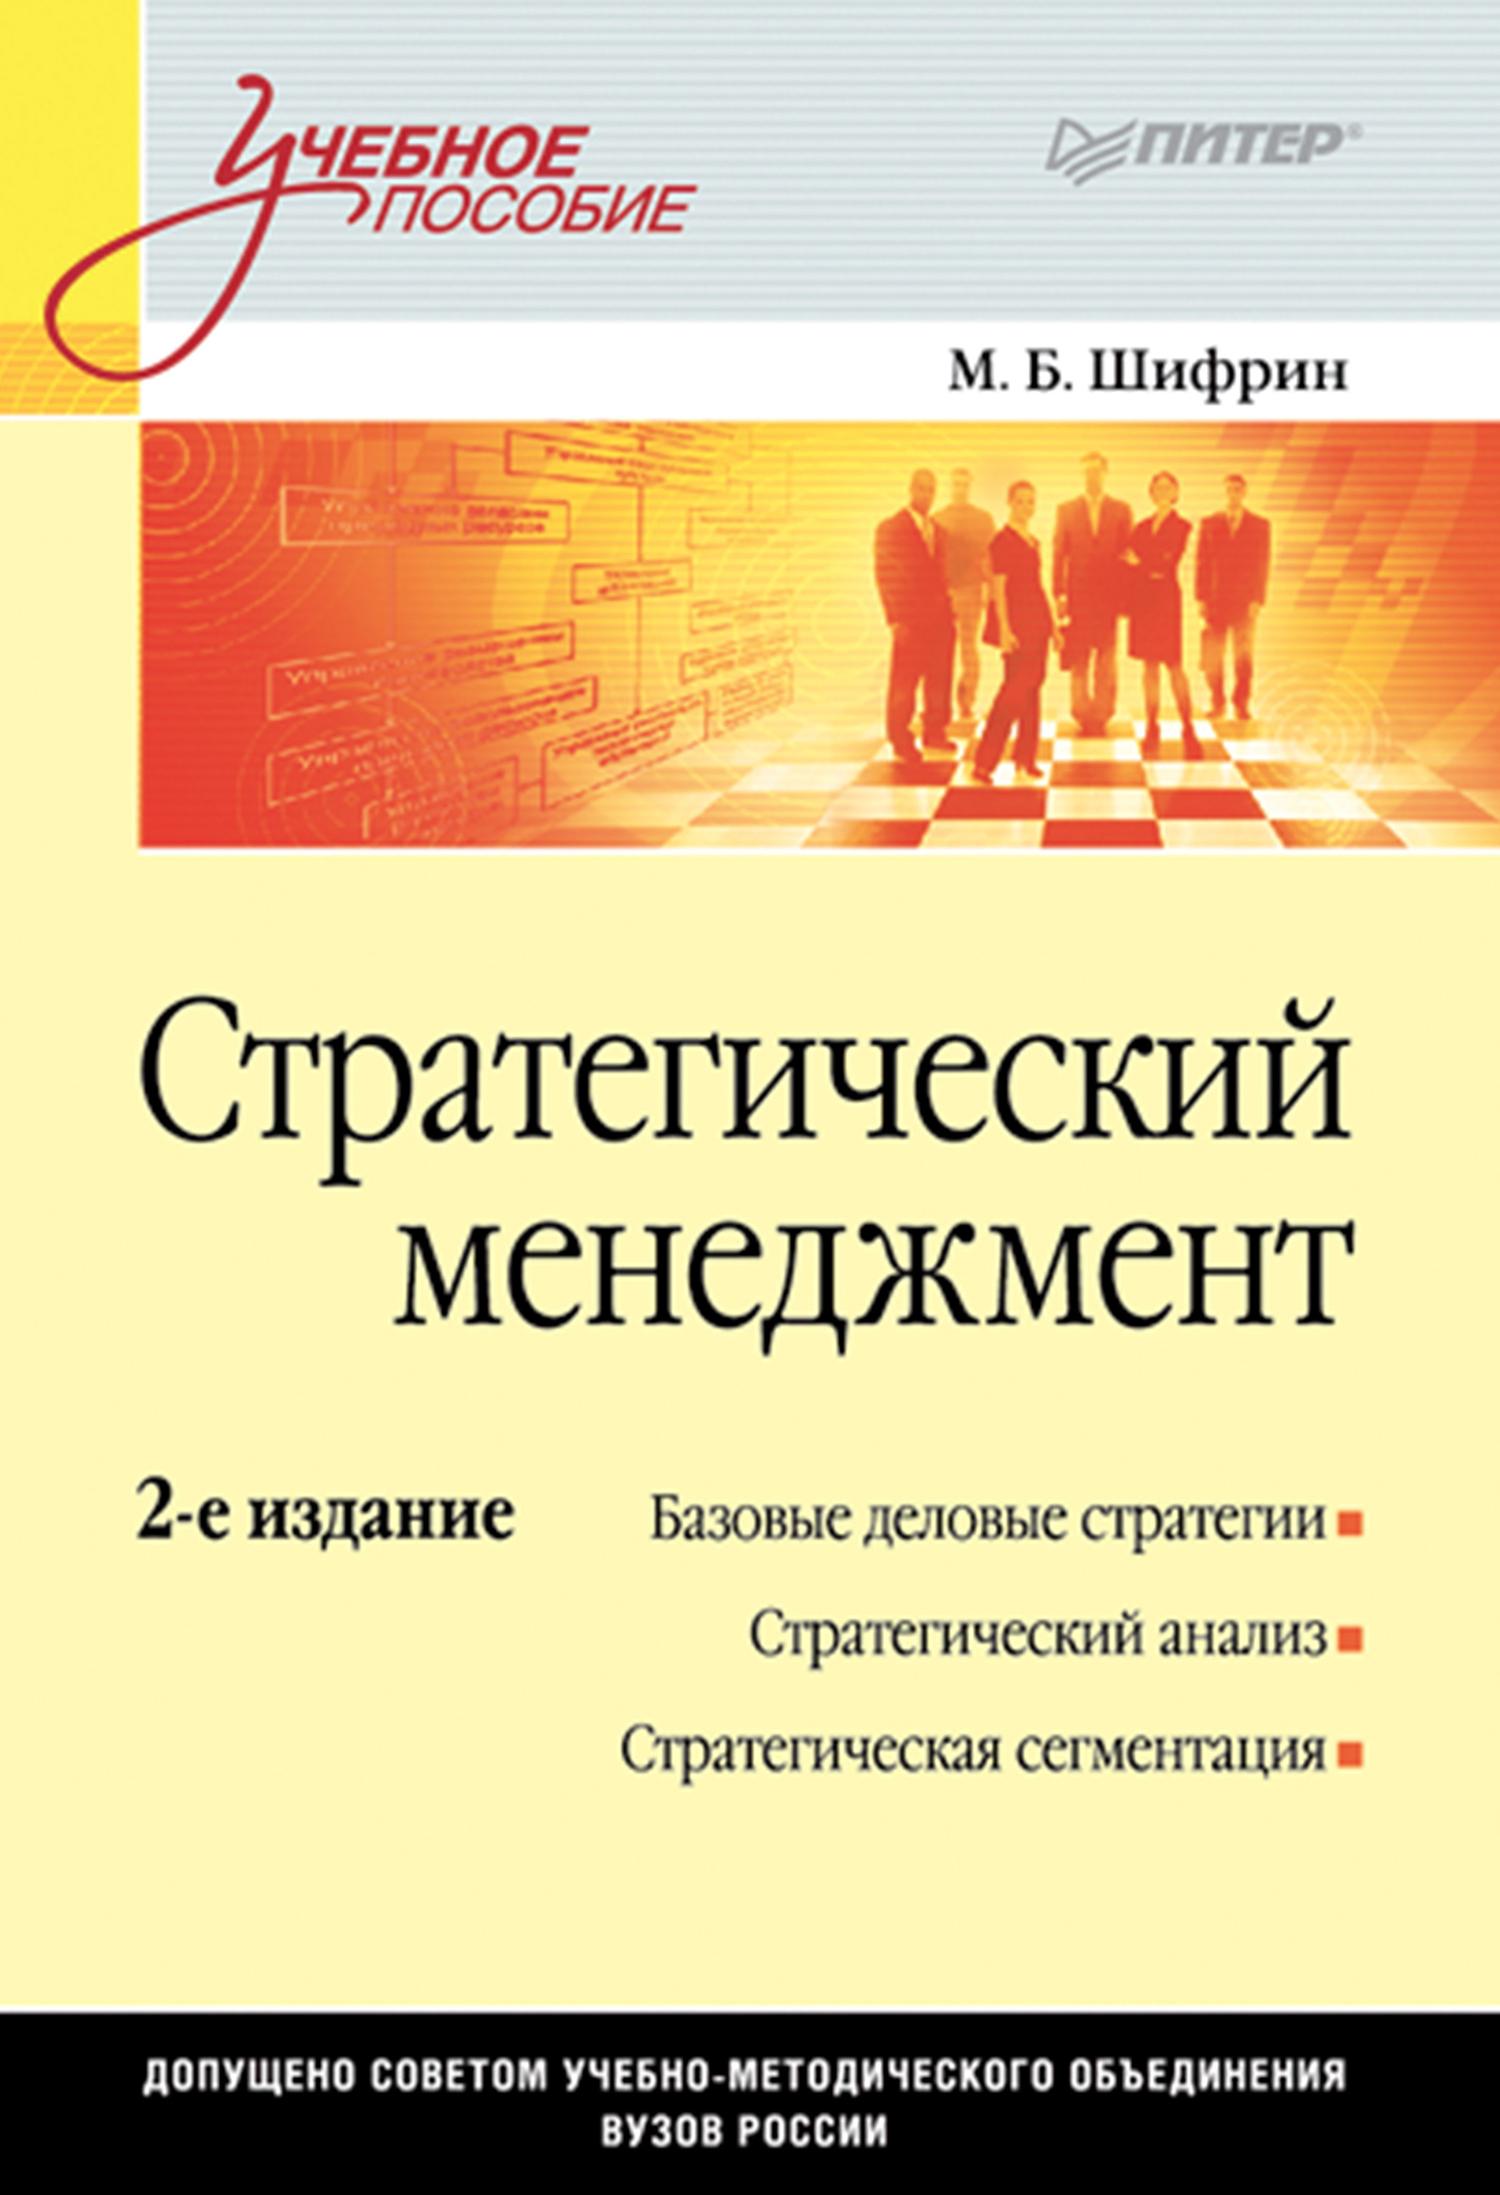 Марк Борисович Шифрин Стратегический менеджмент. Учебное пособие